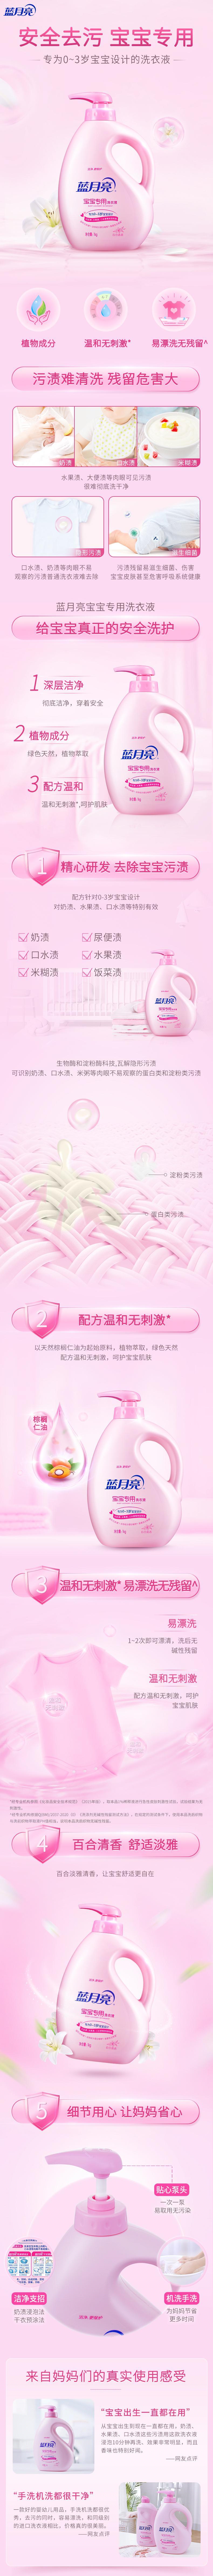 810202宝宝-百合1KG瓶(1).jpg